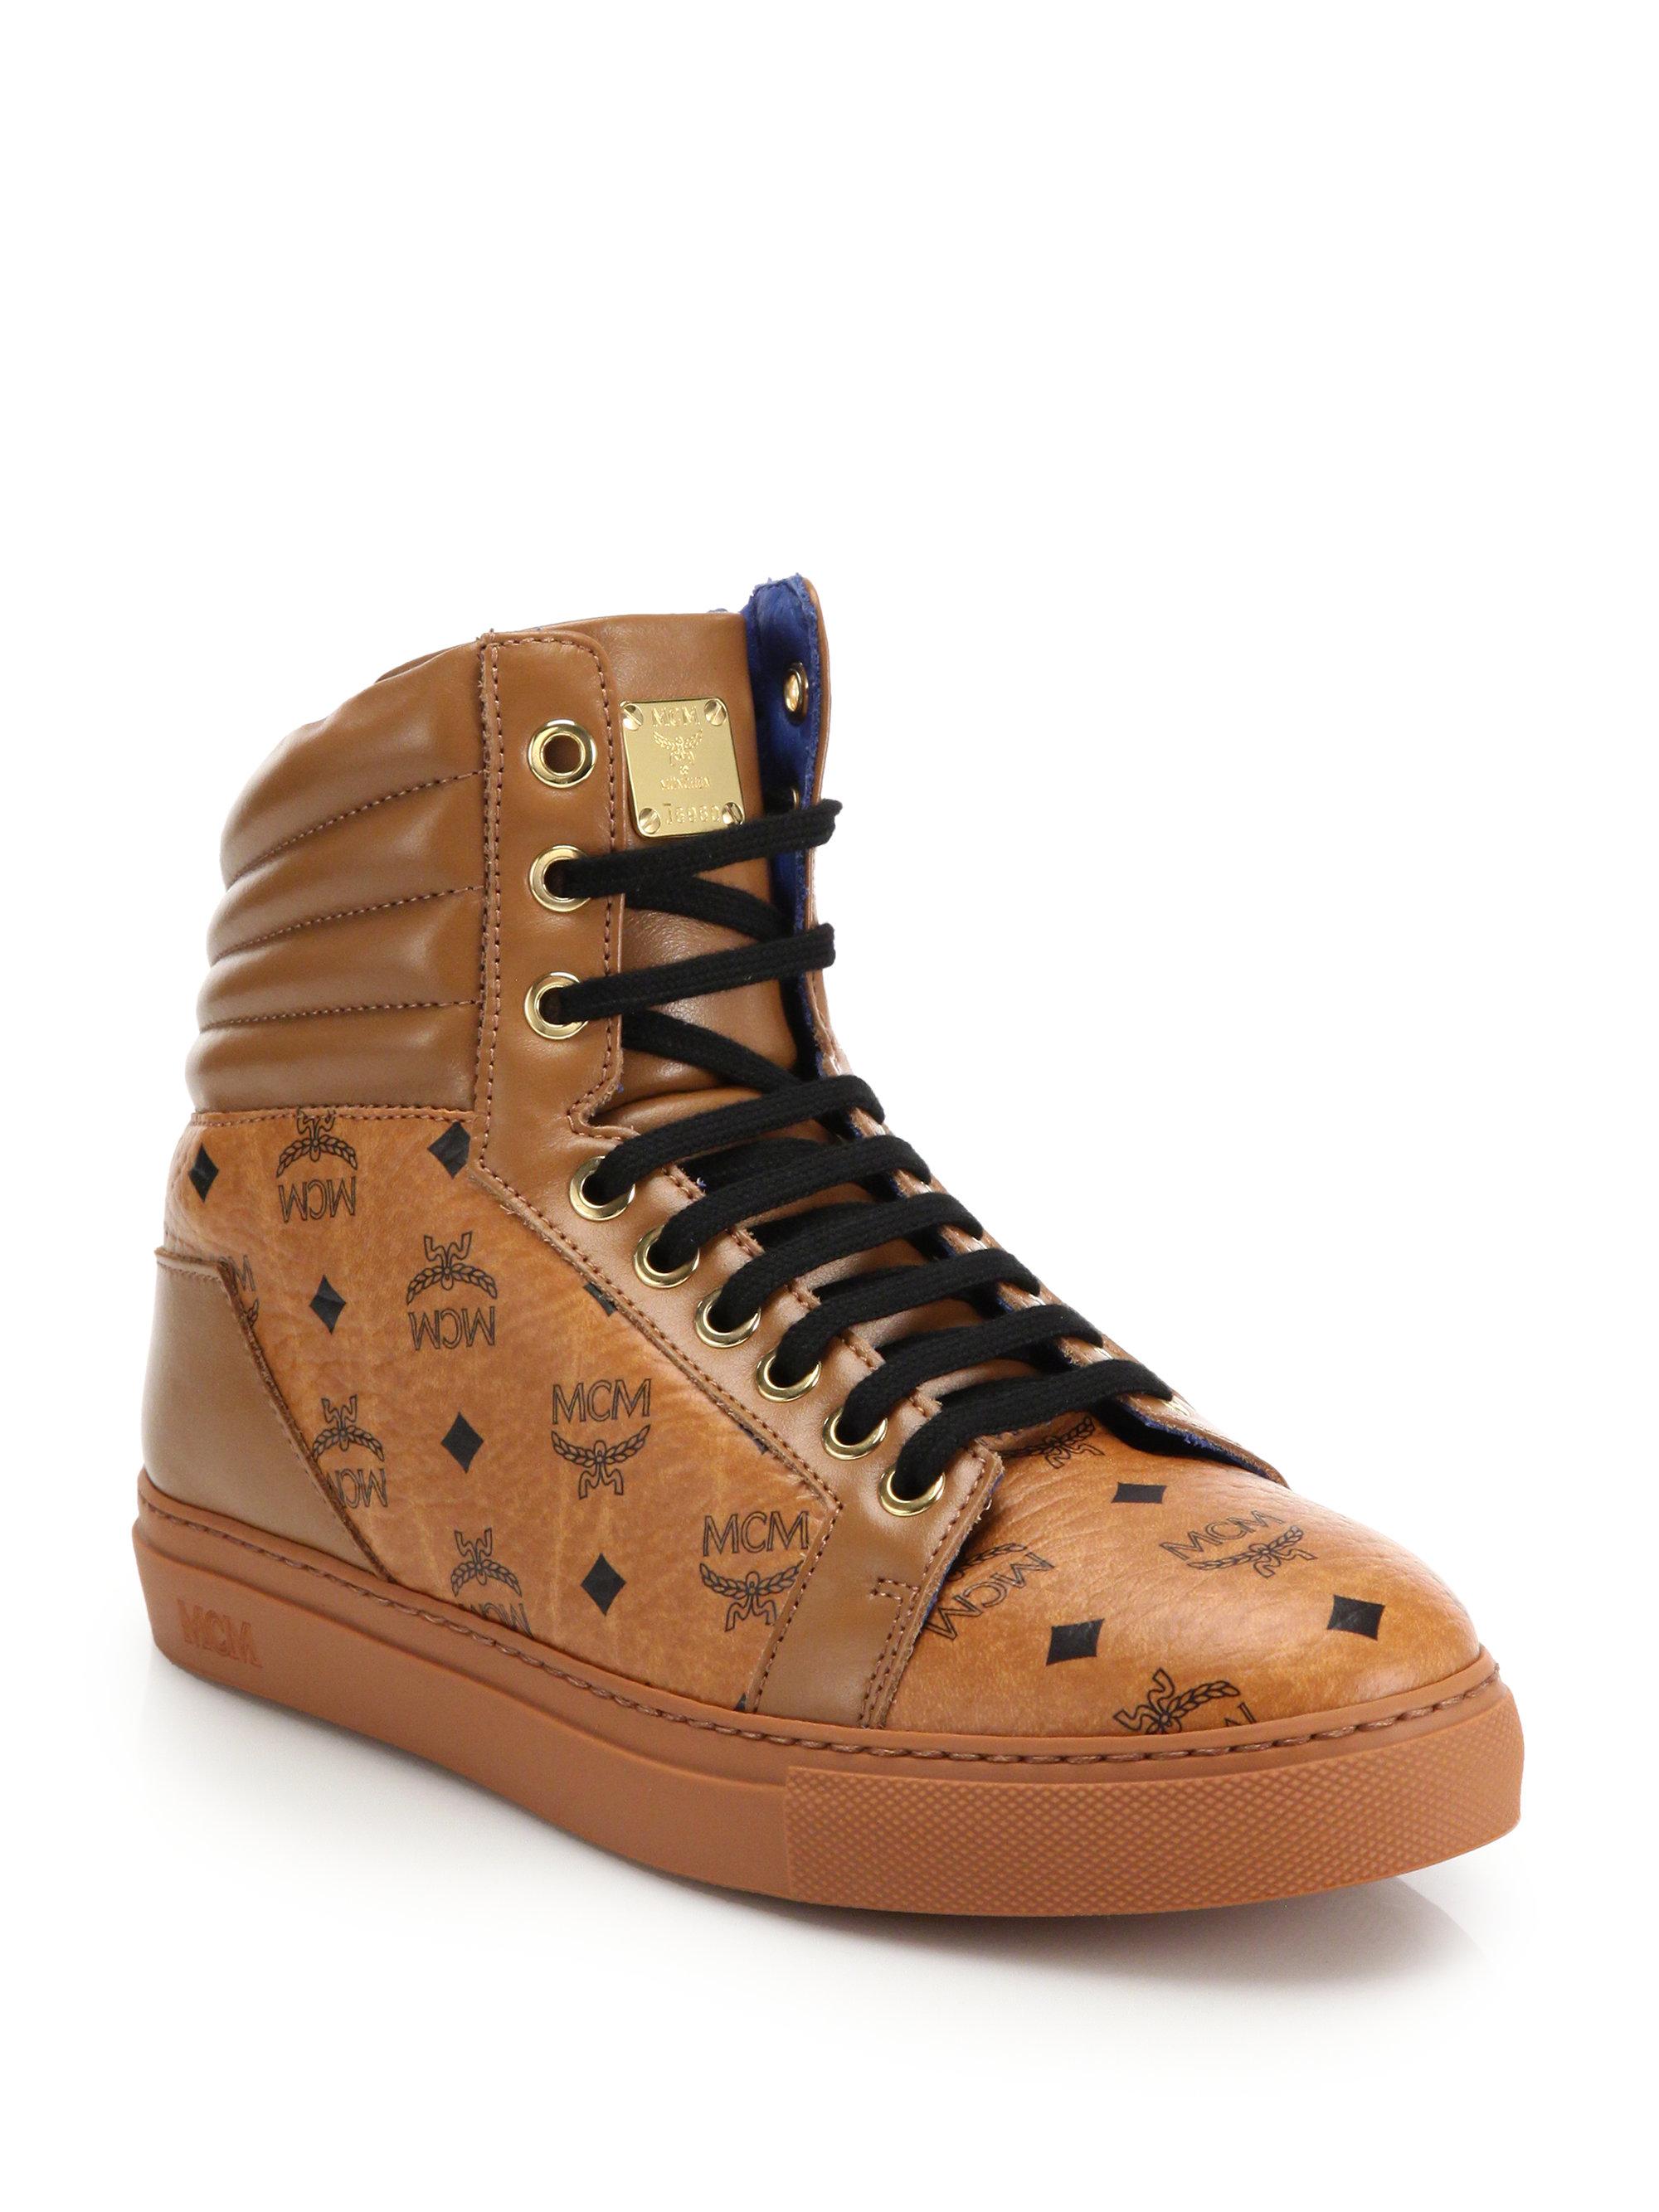 mcm logo high top sneakers in brown lyst